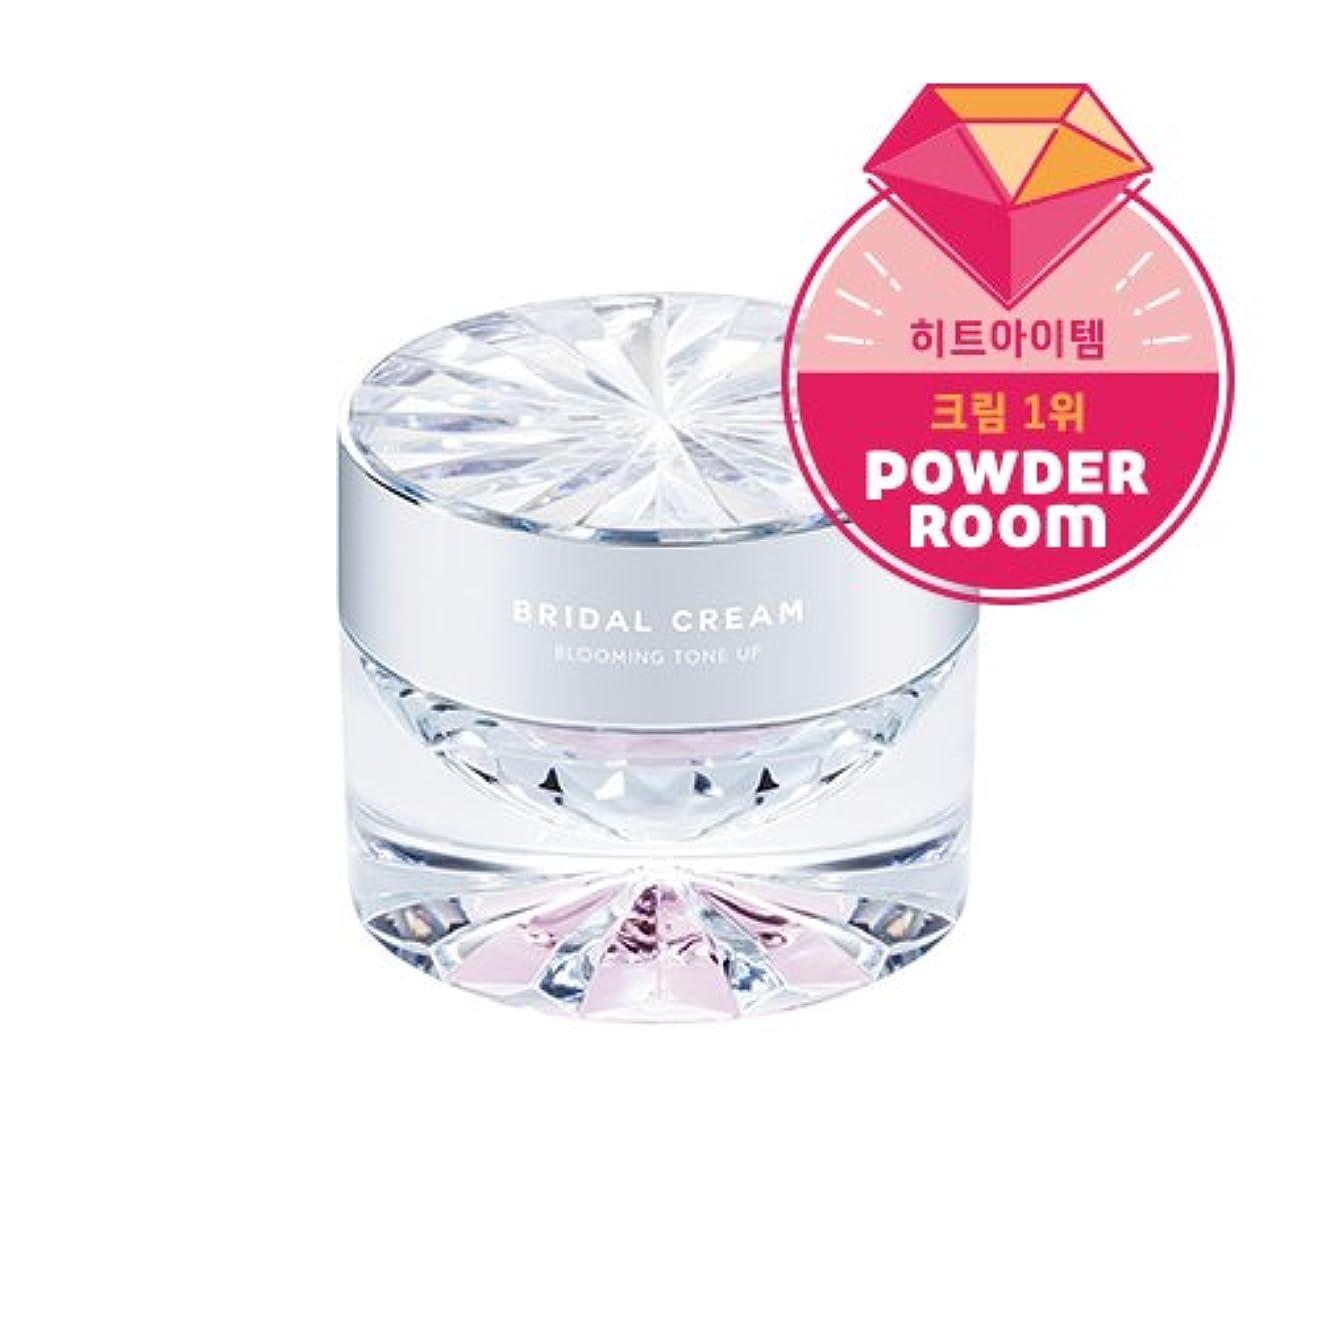 生活削る異常MISSHA Time Revolution Bridal Cream 50ml/ミシャ タイム レボリューション ブライダル クリーム 50ml (#Blooming Tone Up) [並行輸入品]